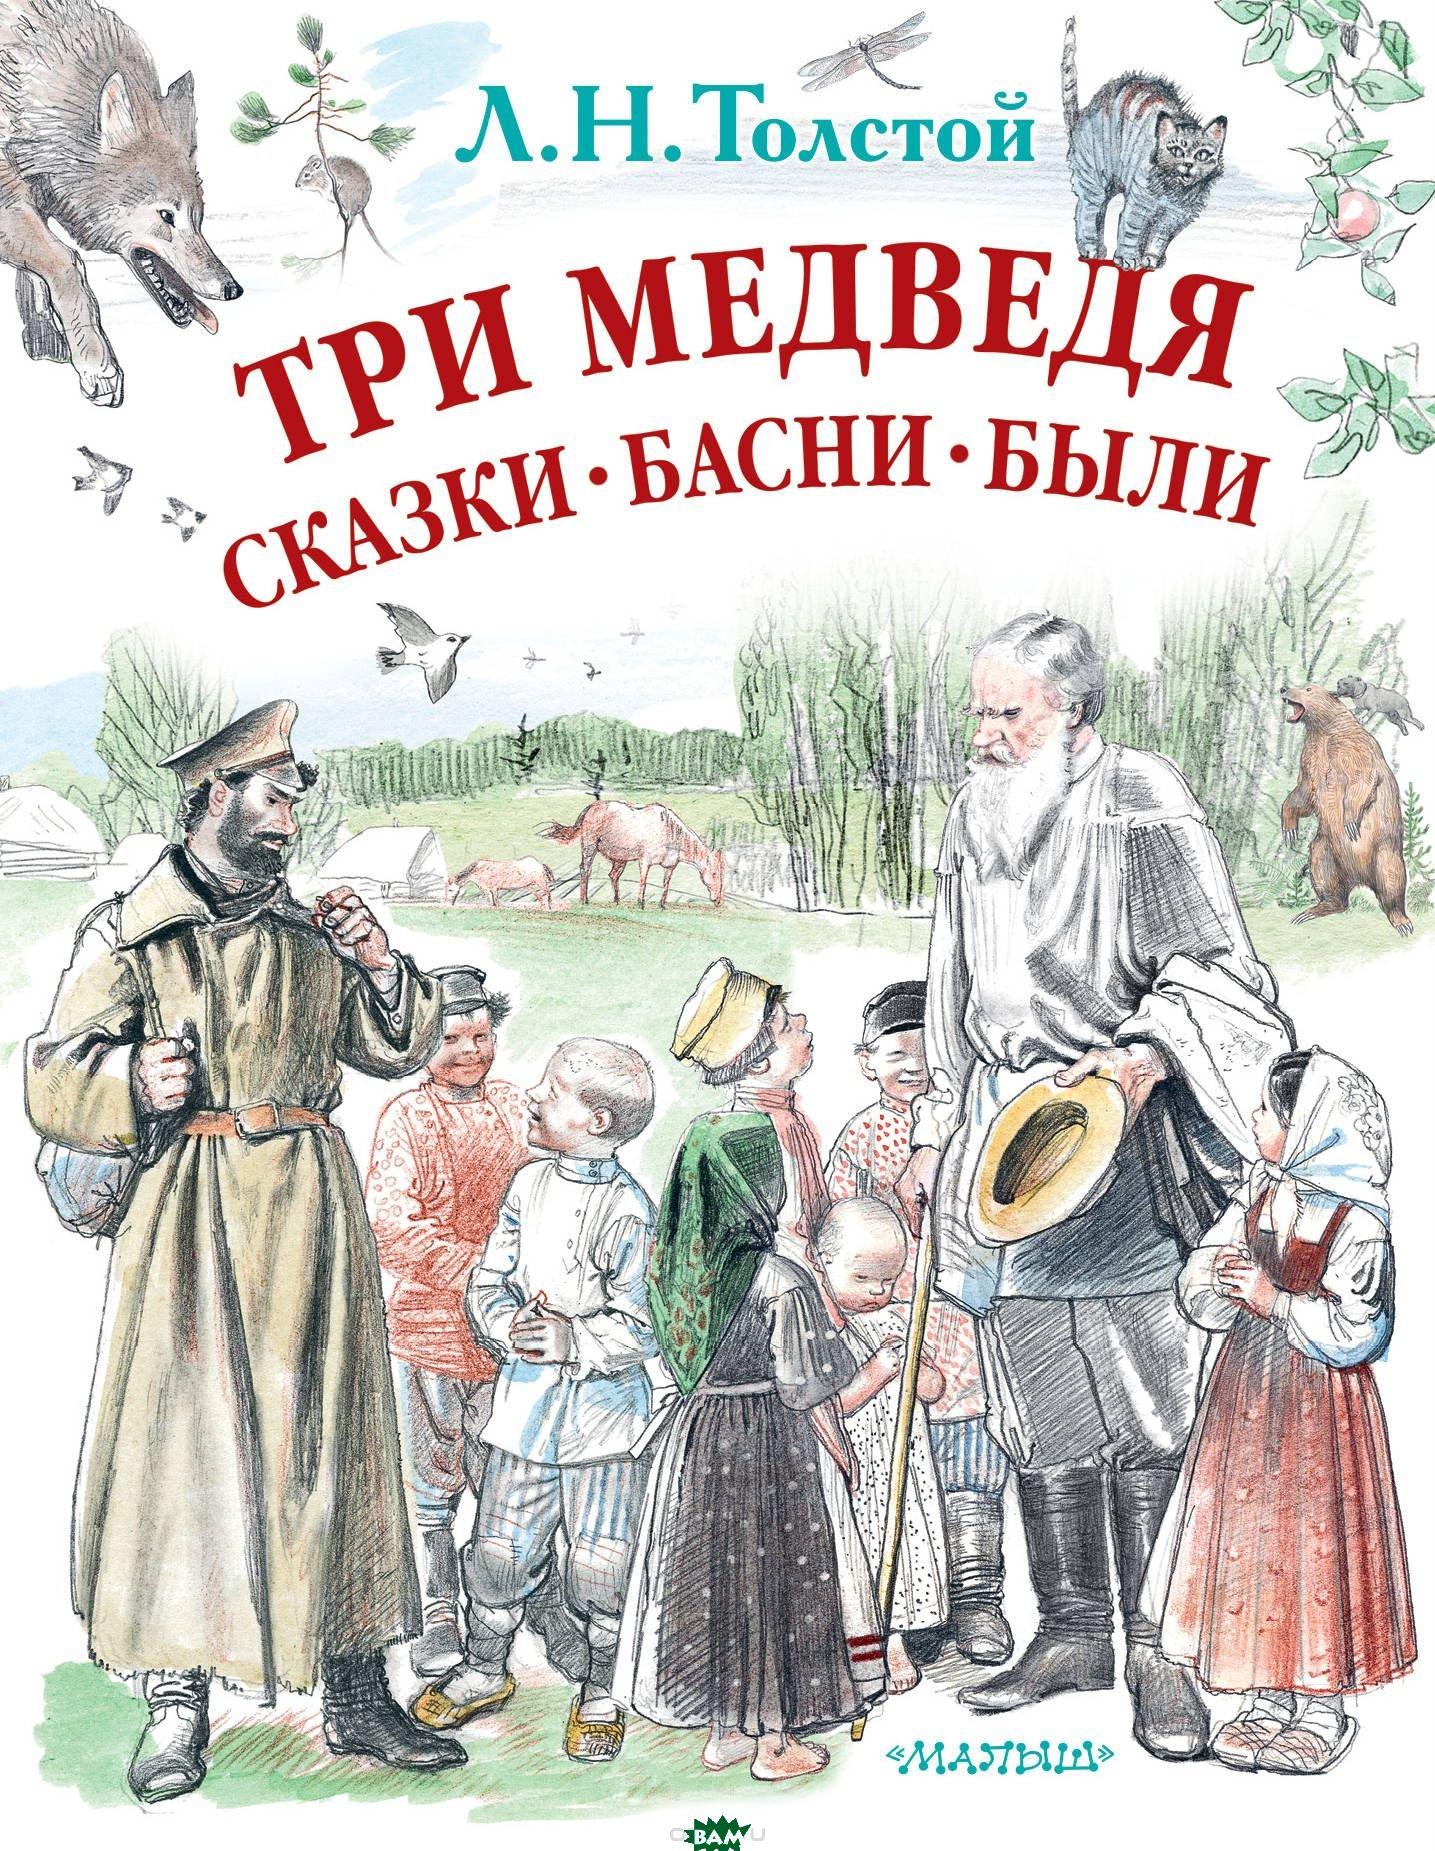 Купить Три медведя. Сказки, басни, были, АСТ, Толстой Л.Н., 978-5-17-100231-2